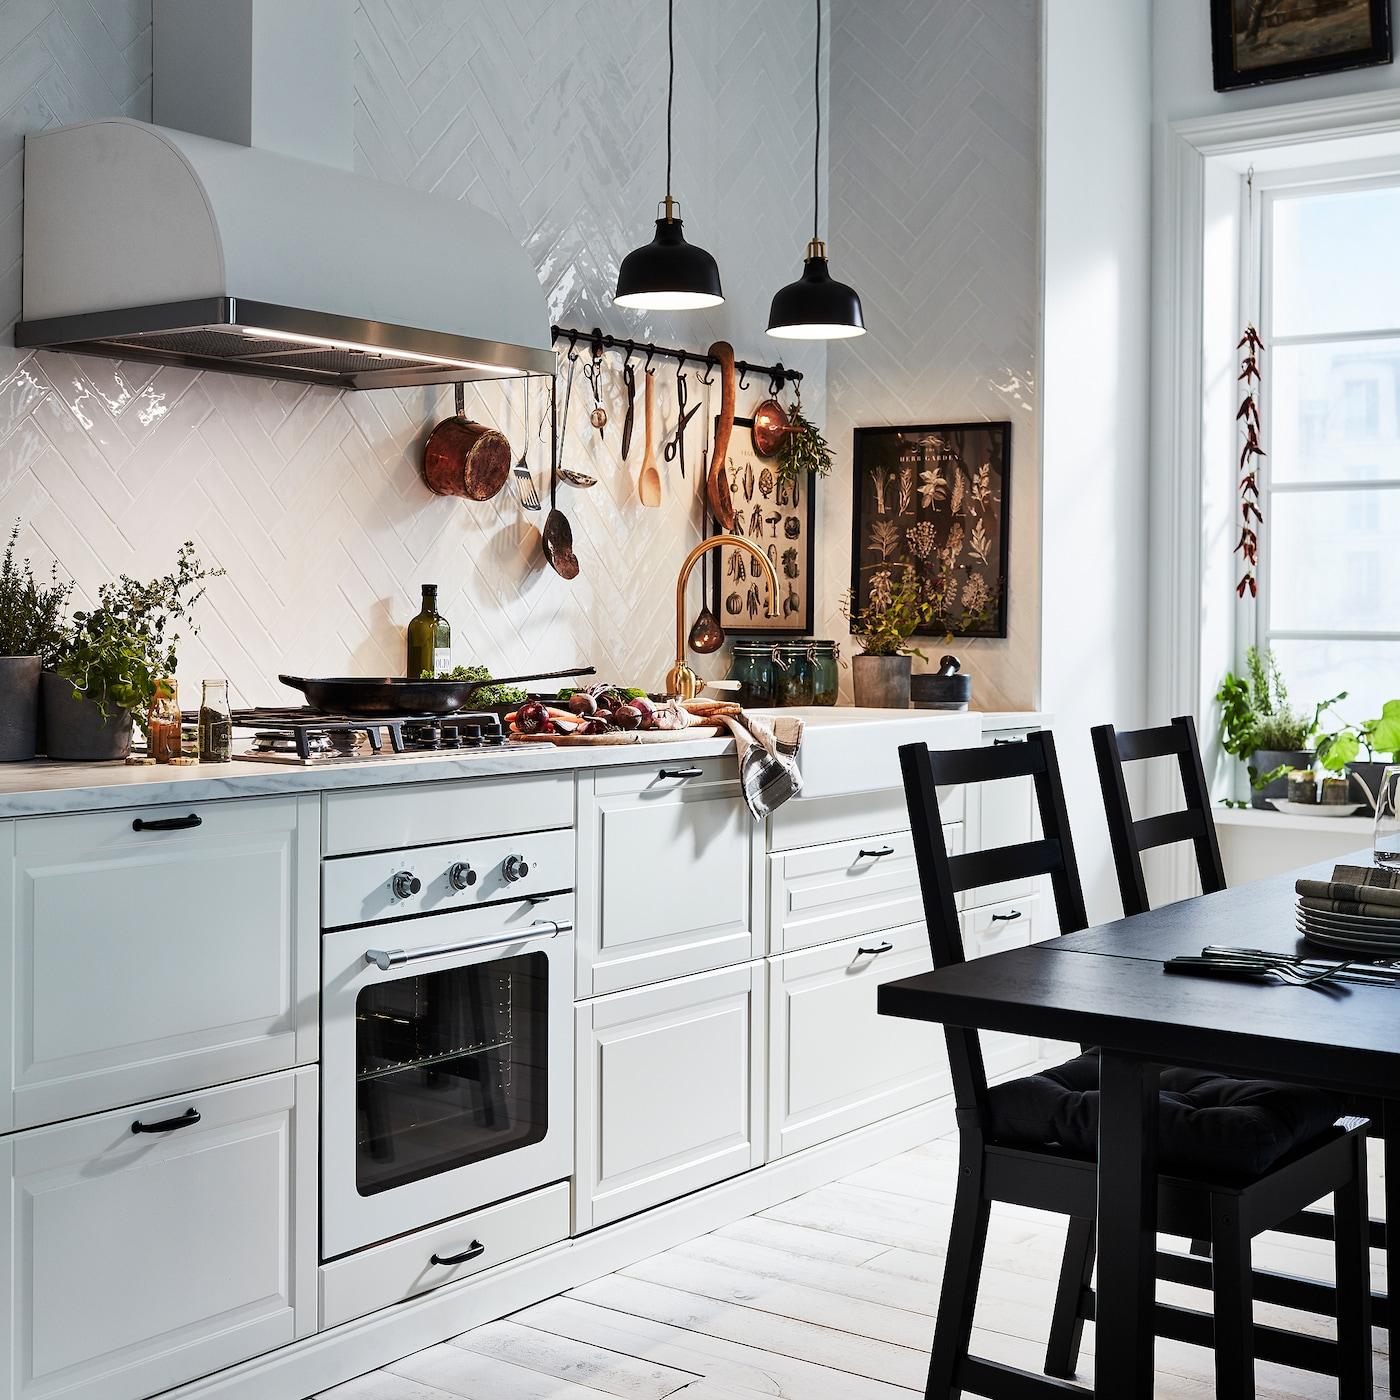 BODBYN kök i off-white lyses upp av två svarta taklampor. Bredvid står ett svart bord och två svarta stolar.